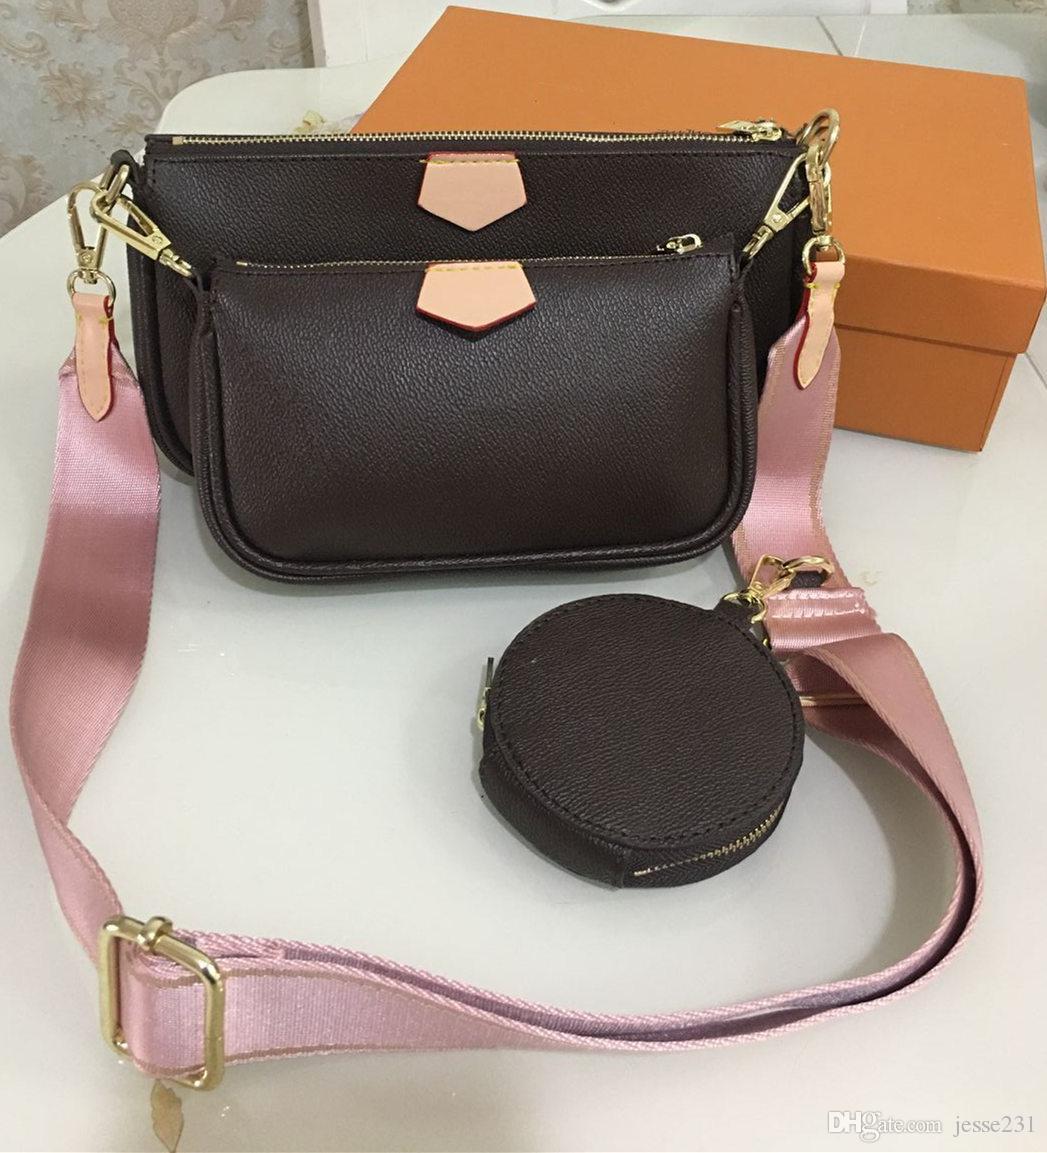 Модные сумки кошельки Женщины любимые мини Pochette 3шт Аксессуары для Crossbody мешок vintag плеча кожаные сумки многоцветной ремни бумажник